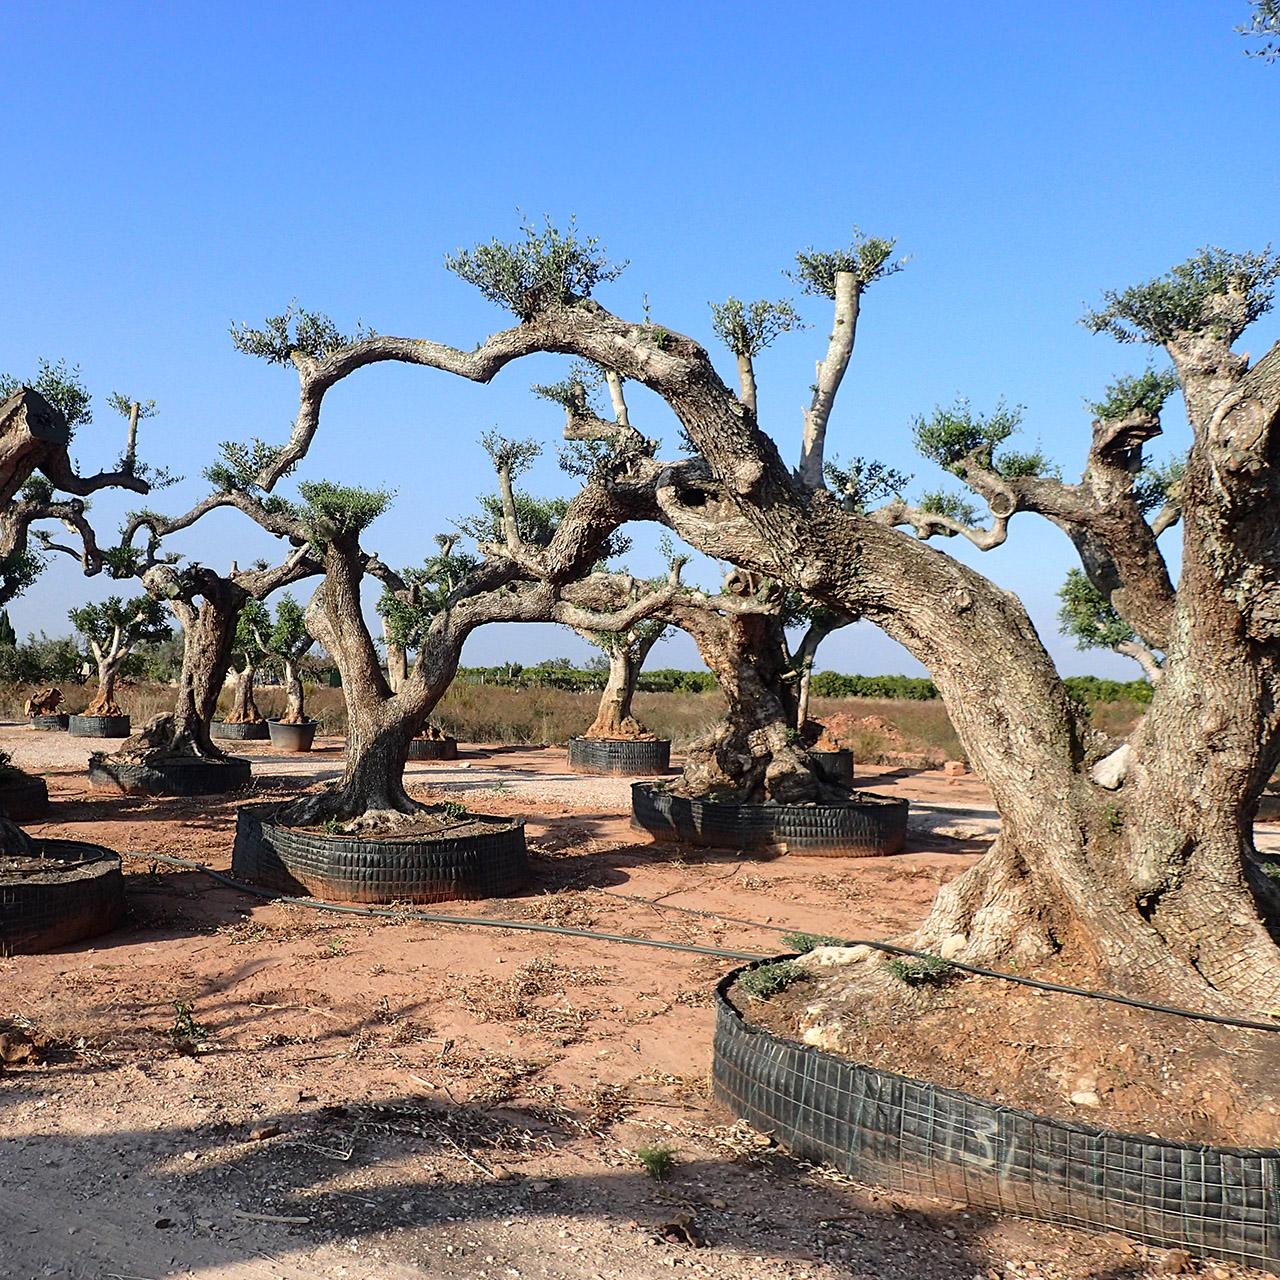 オリーブ古木 樹齢200-1500年 image2